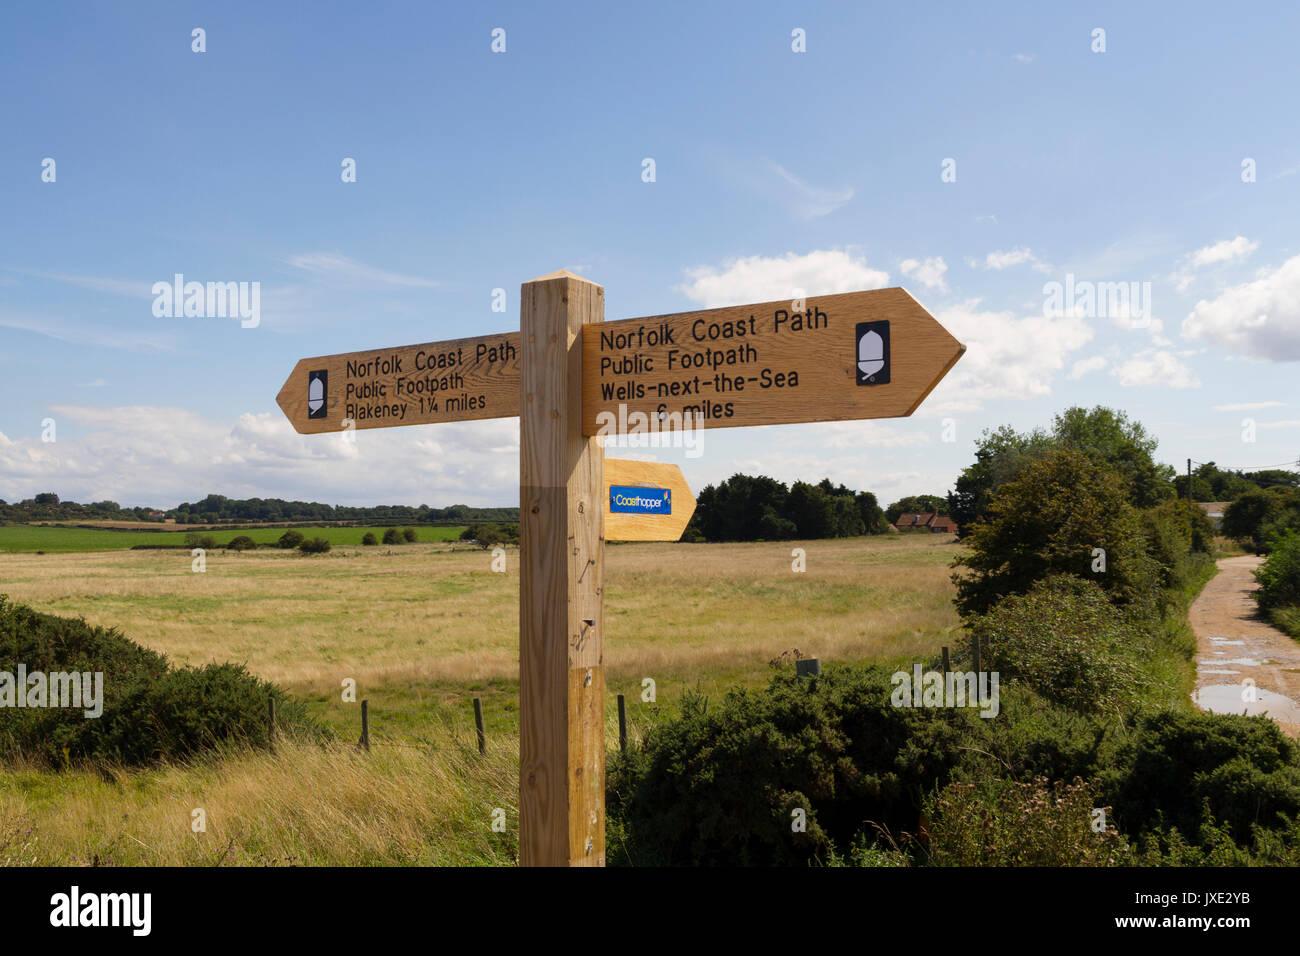 Ein Norfolk Coast Path finger post Fußweg Zeichen Stockbild